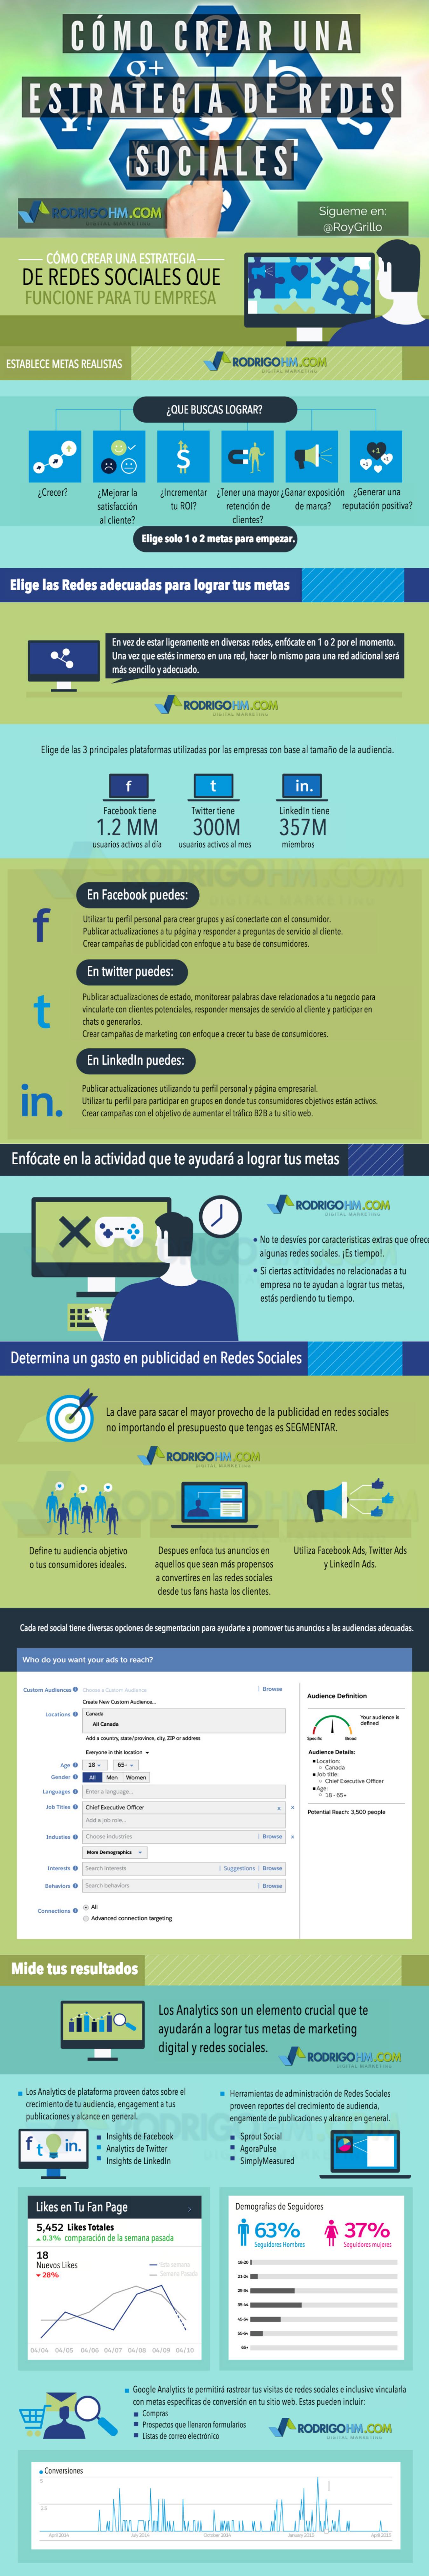 estrategia-redes-sociales-infografia